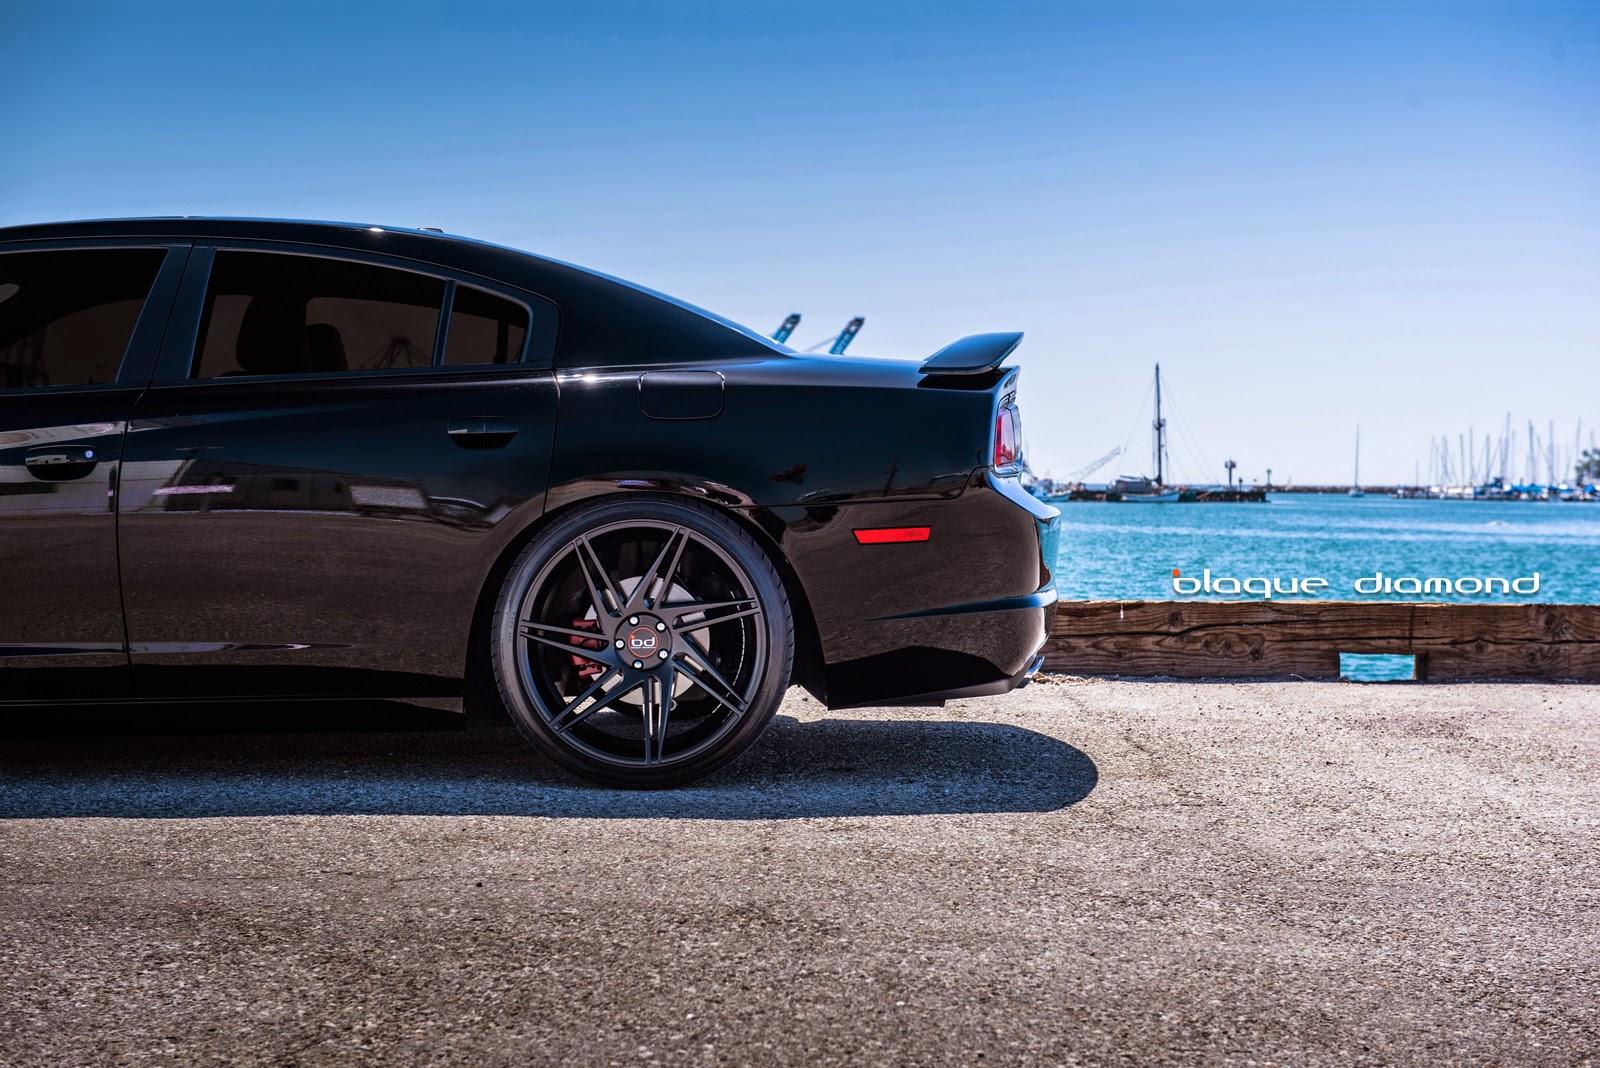 22 inch bd 1s in matte black - 2013 Dodge Charger Black Rims